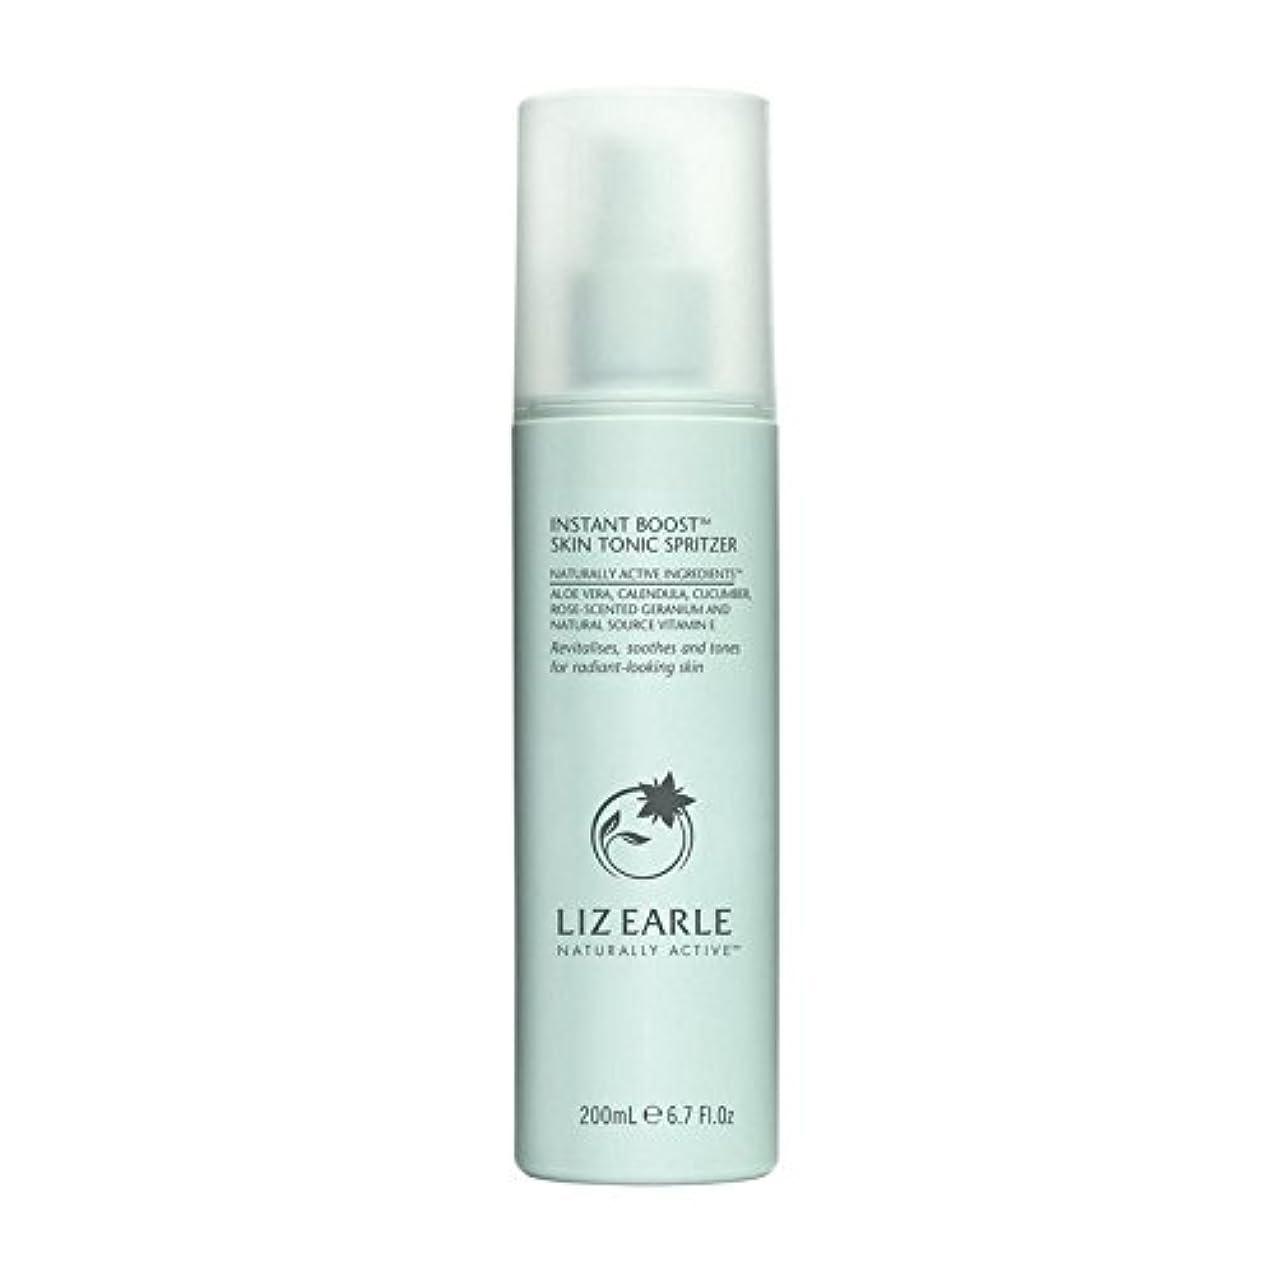 投資バンカー契約リズアールインスタントブーストスキントニックスプリッツァーの200ミリリットル x2 - Liz Earle Instant Boost Skin Tonic Spritzer 200ml (Pack of 2) [並行輸入品]